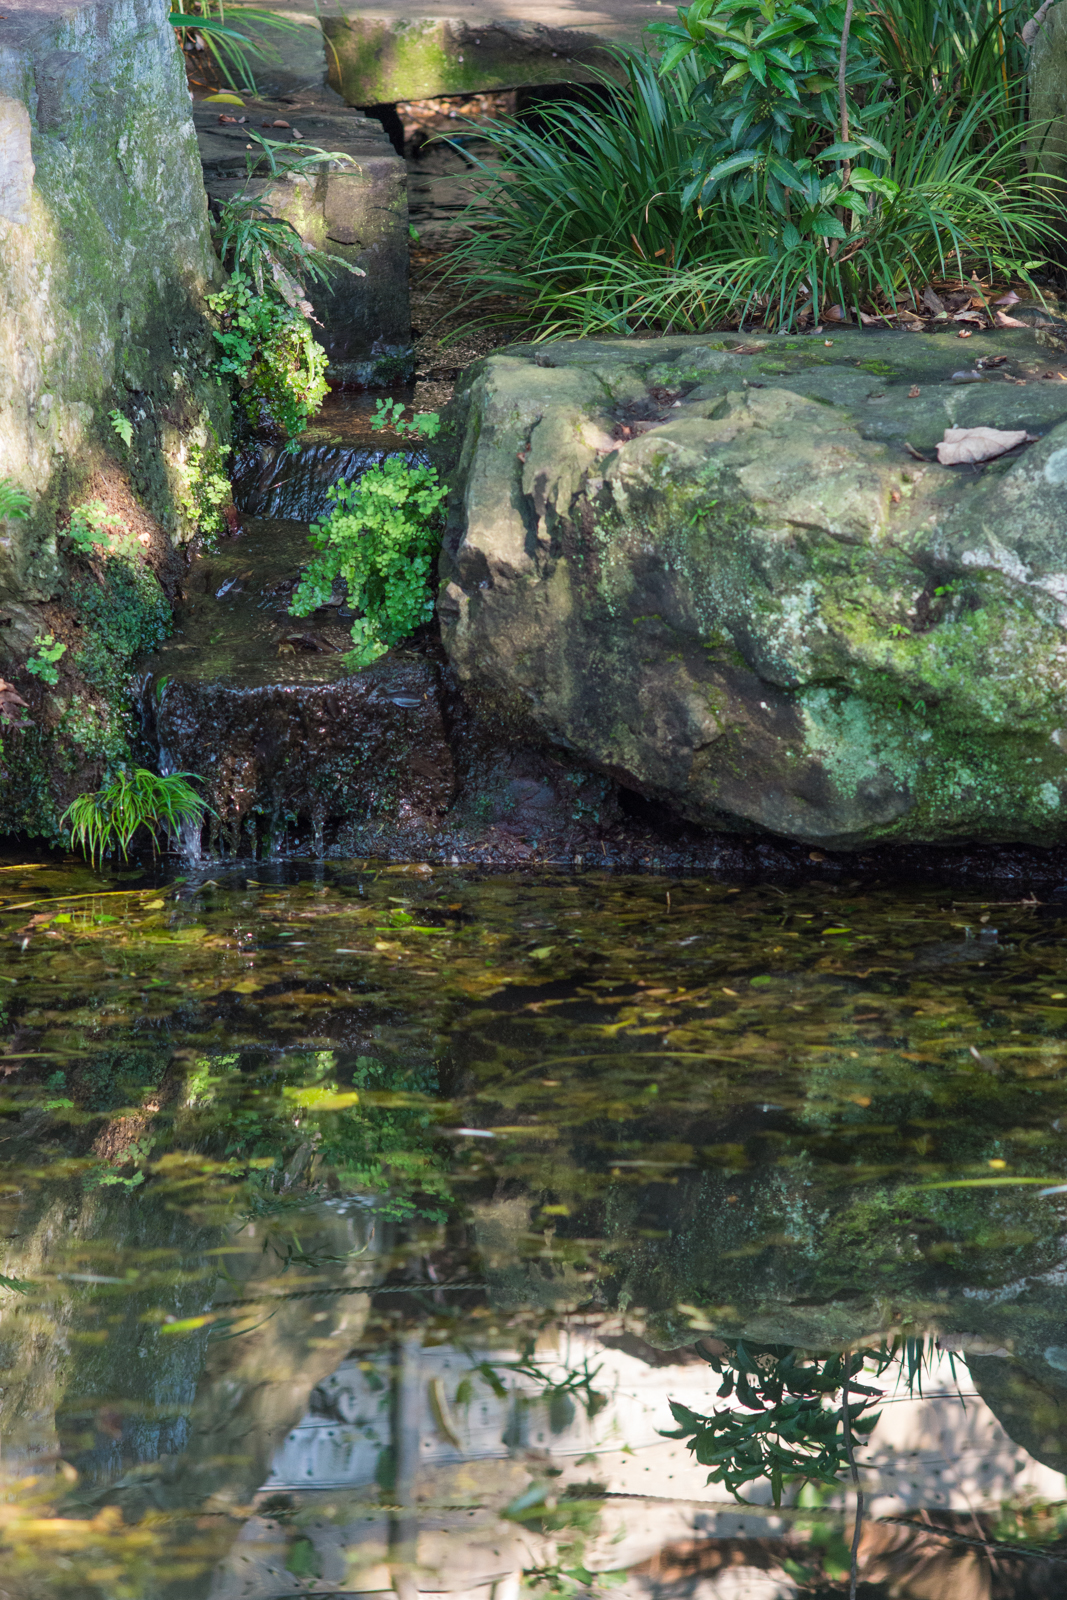 貫井神社の池に流れ込む湧水の写真